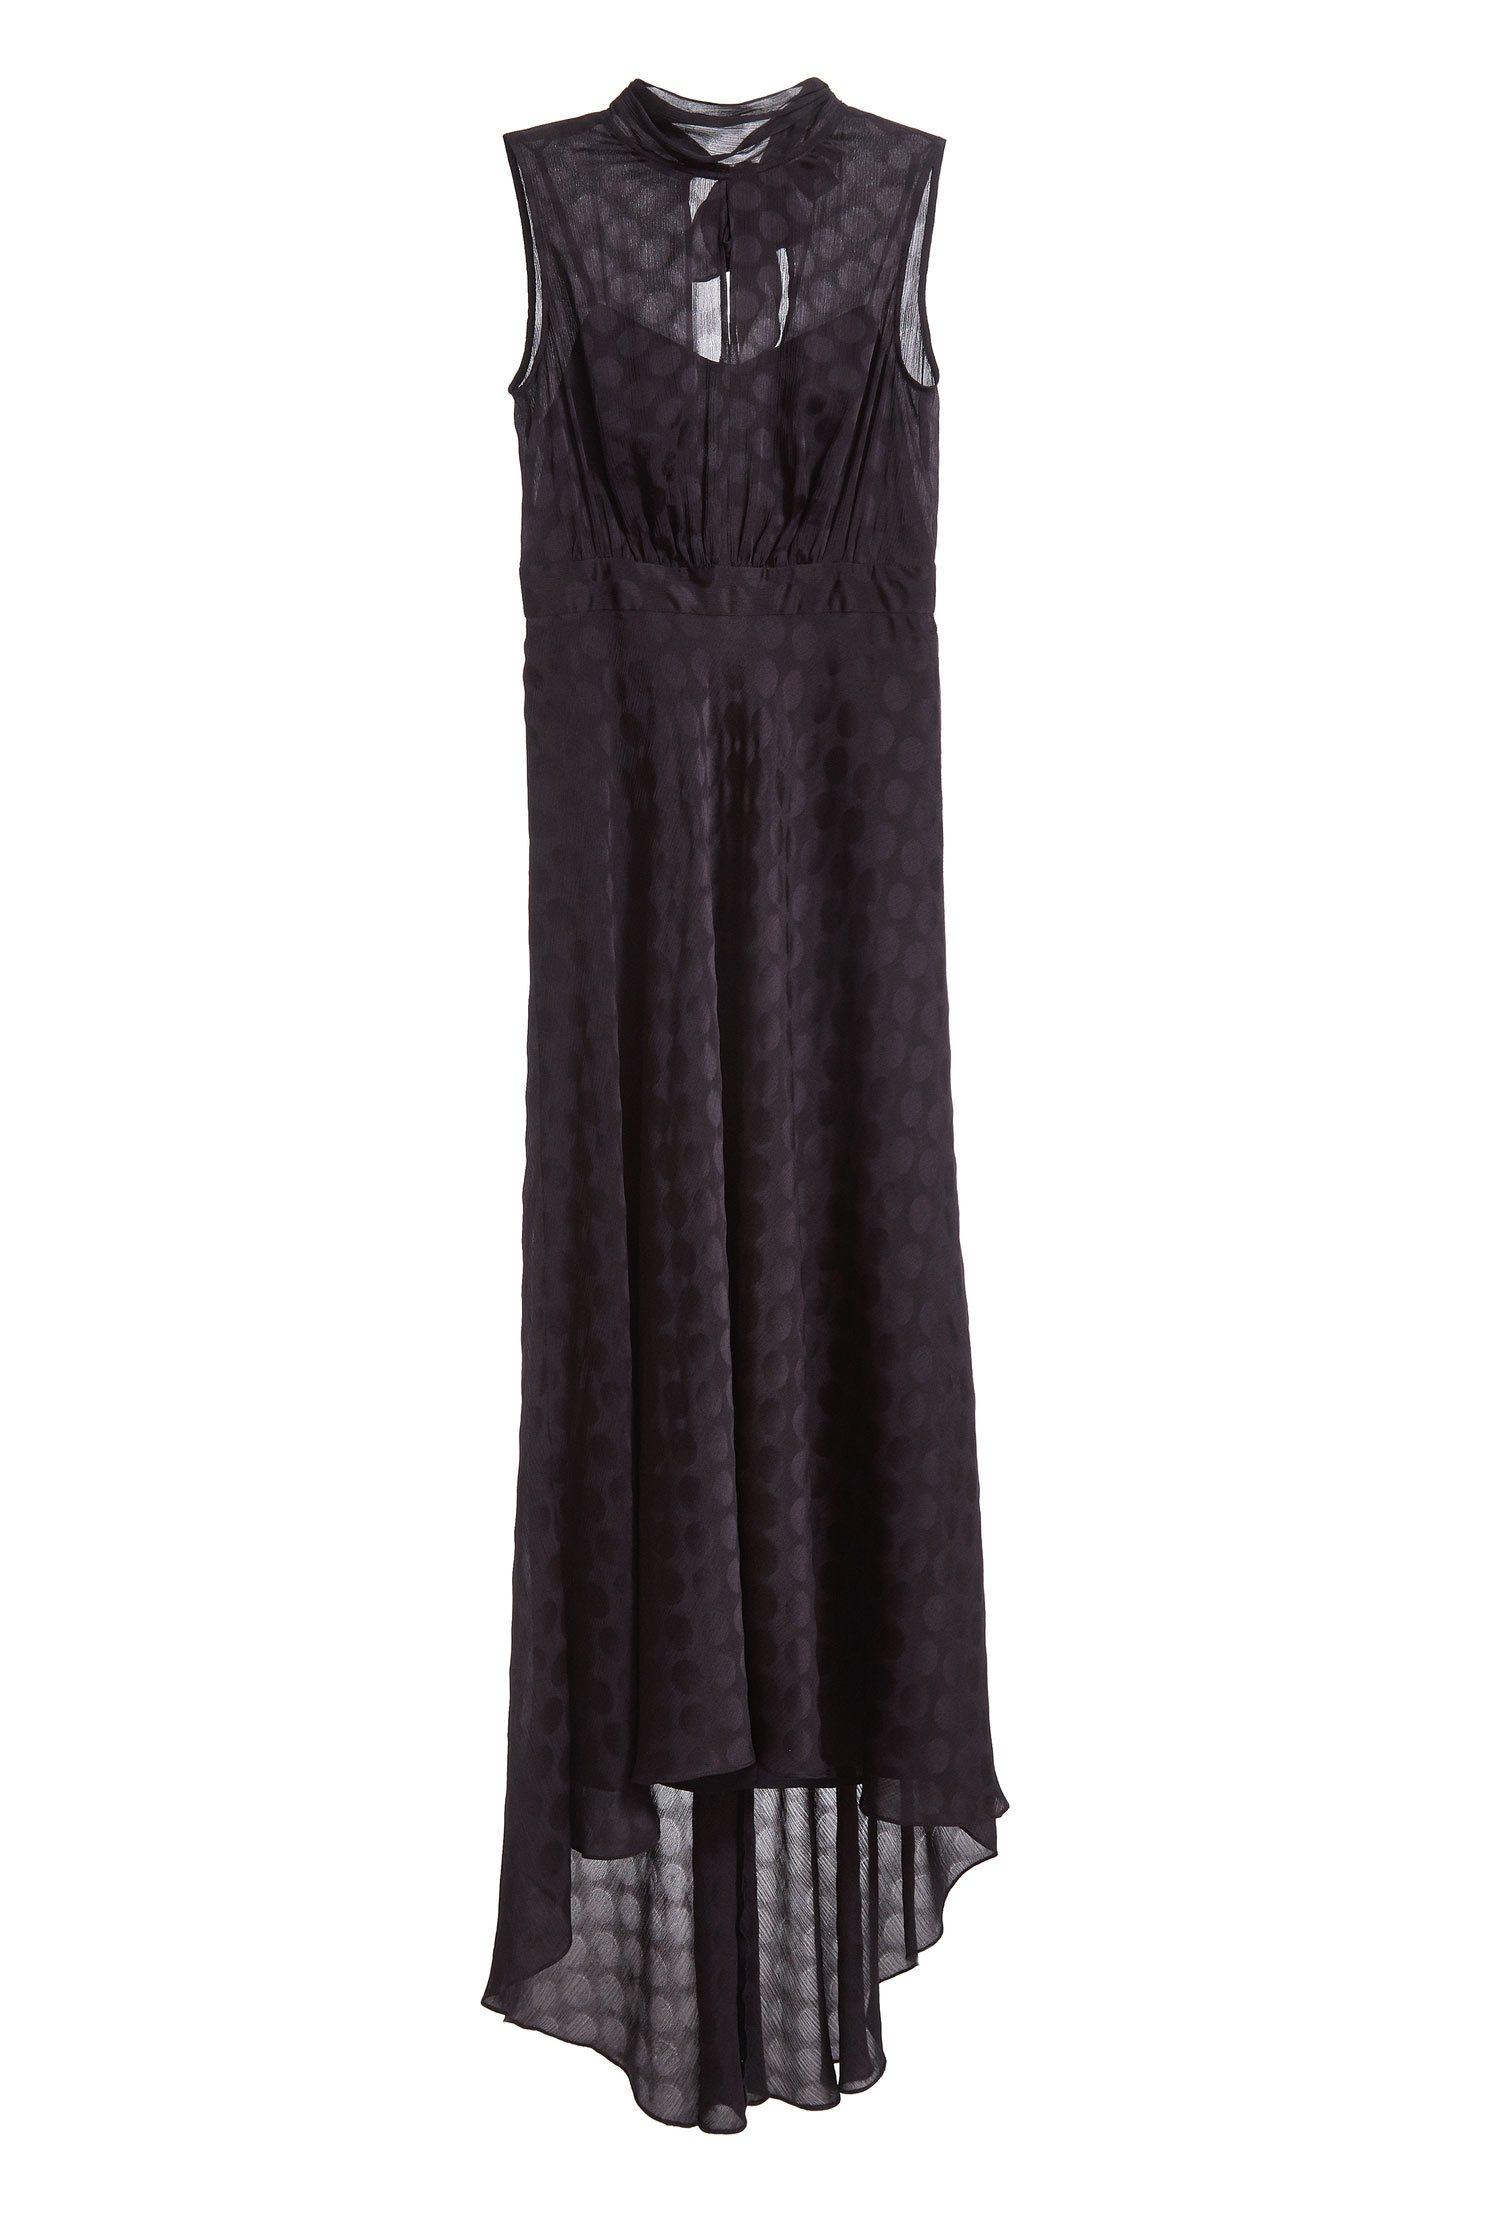 Luxury low profile dot dress